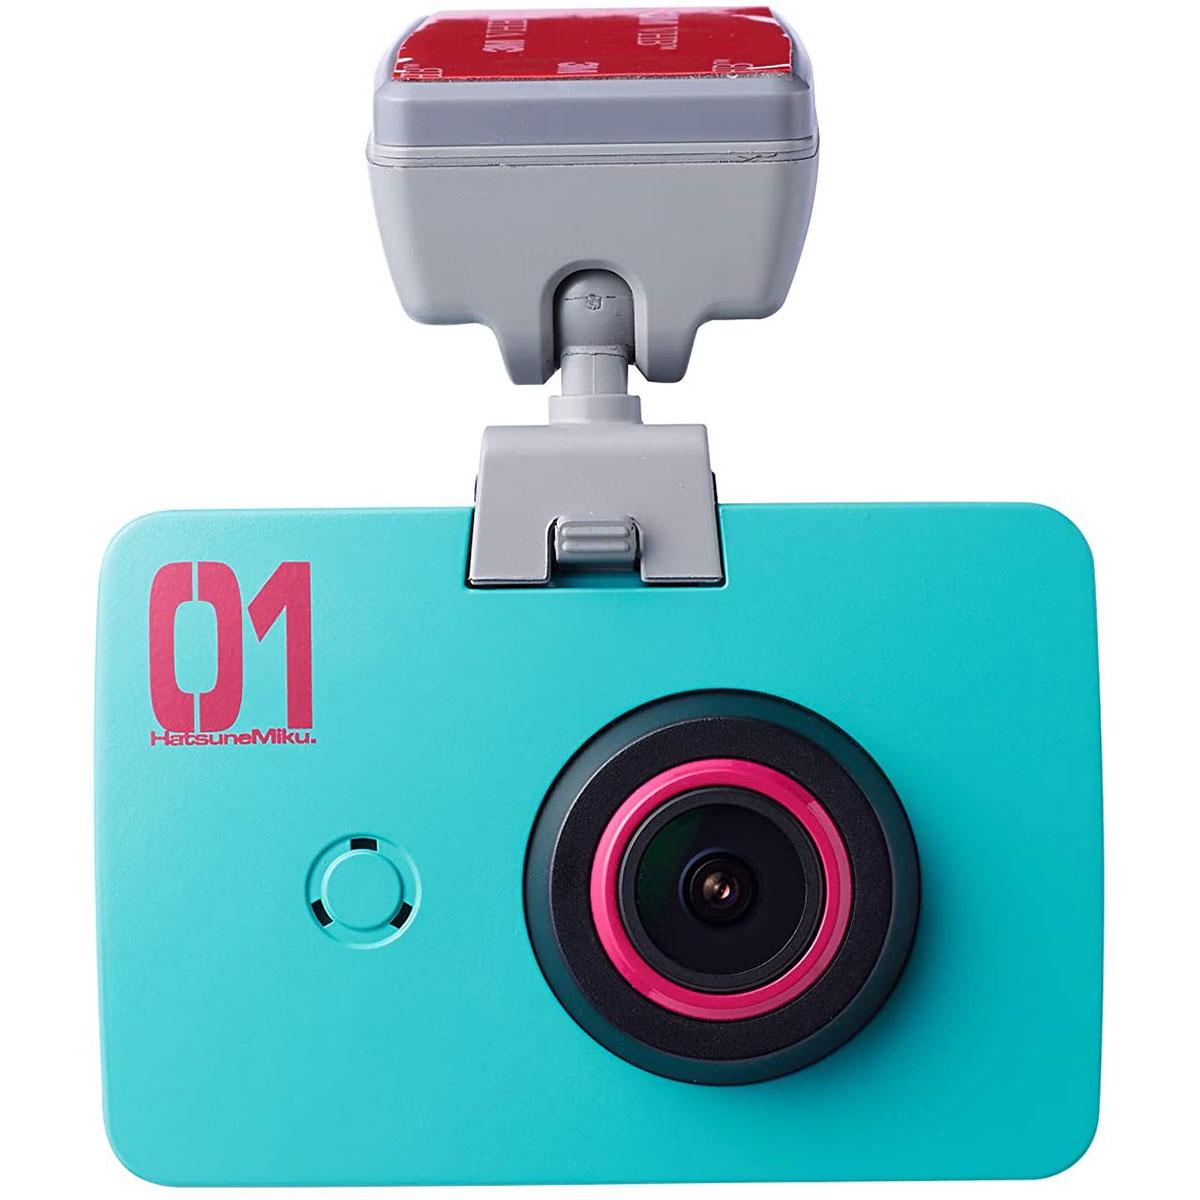 フロントカメラ(カメラ面)